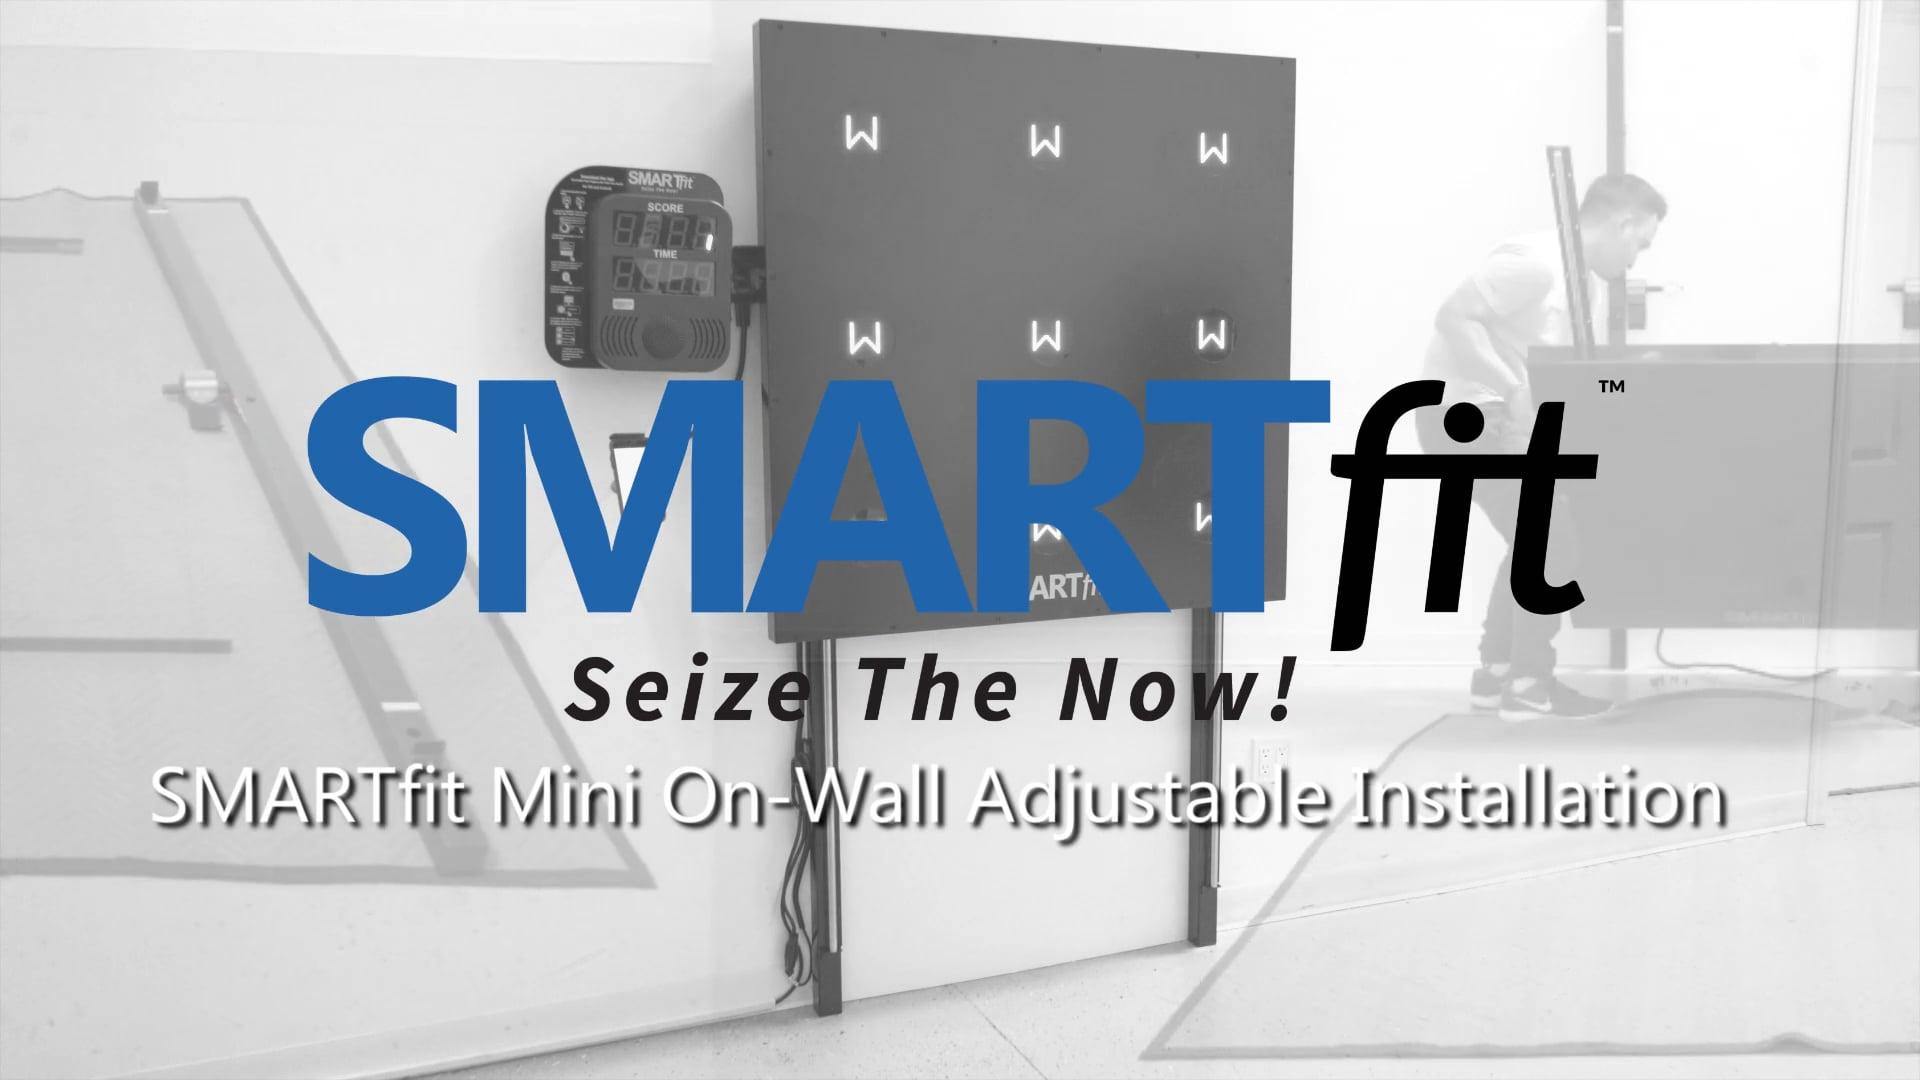 SMARTfit Mini On-Wall Adjustable Installation